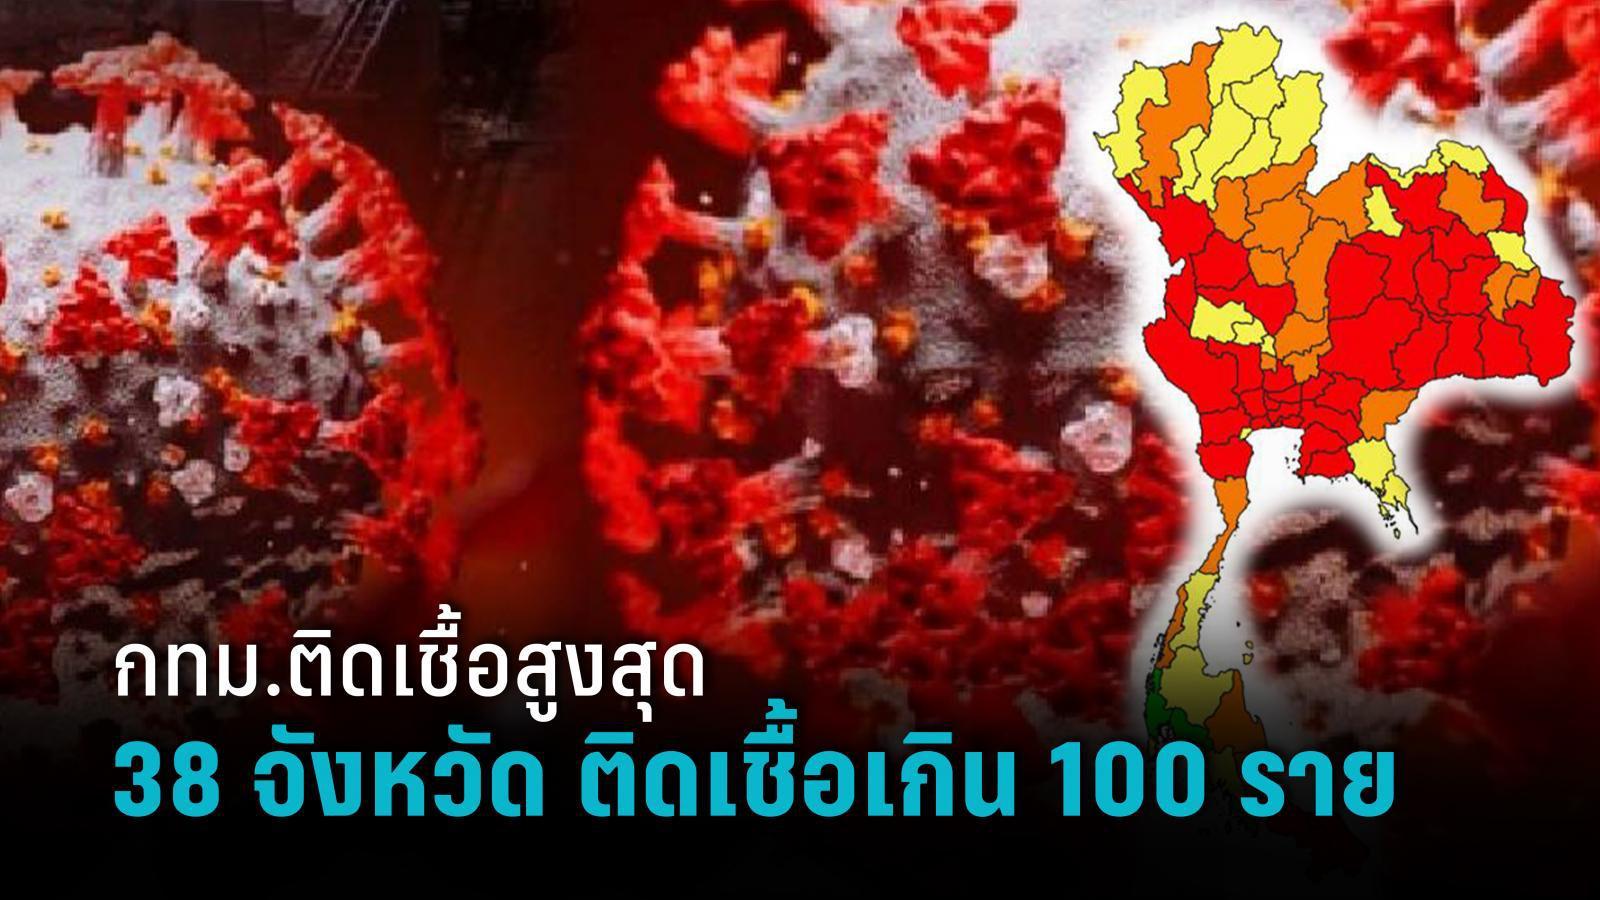 กทม.ติดเชื้อสูงสุด 3,104 ราย พบ 38 จังหวัด วันนี้ติดเชื้อเกิน 100 ราย ตายอายุน้อยสุด 14 ปี